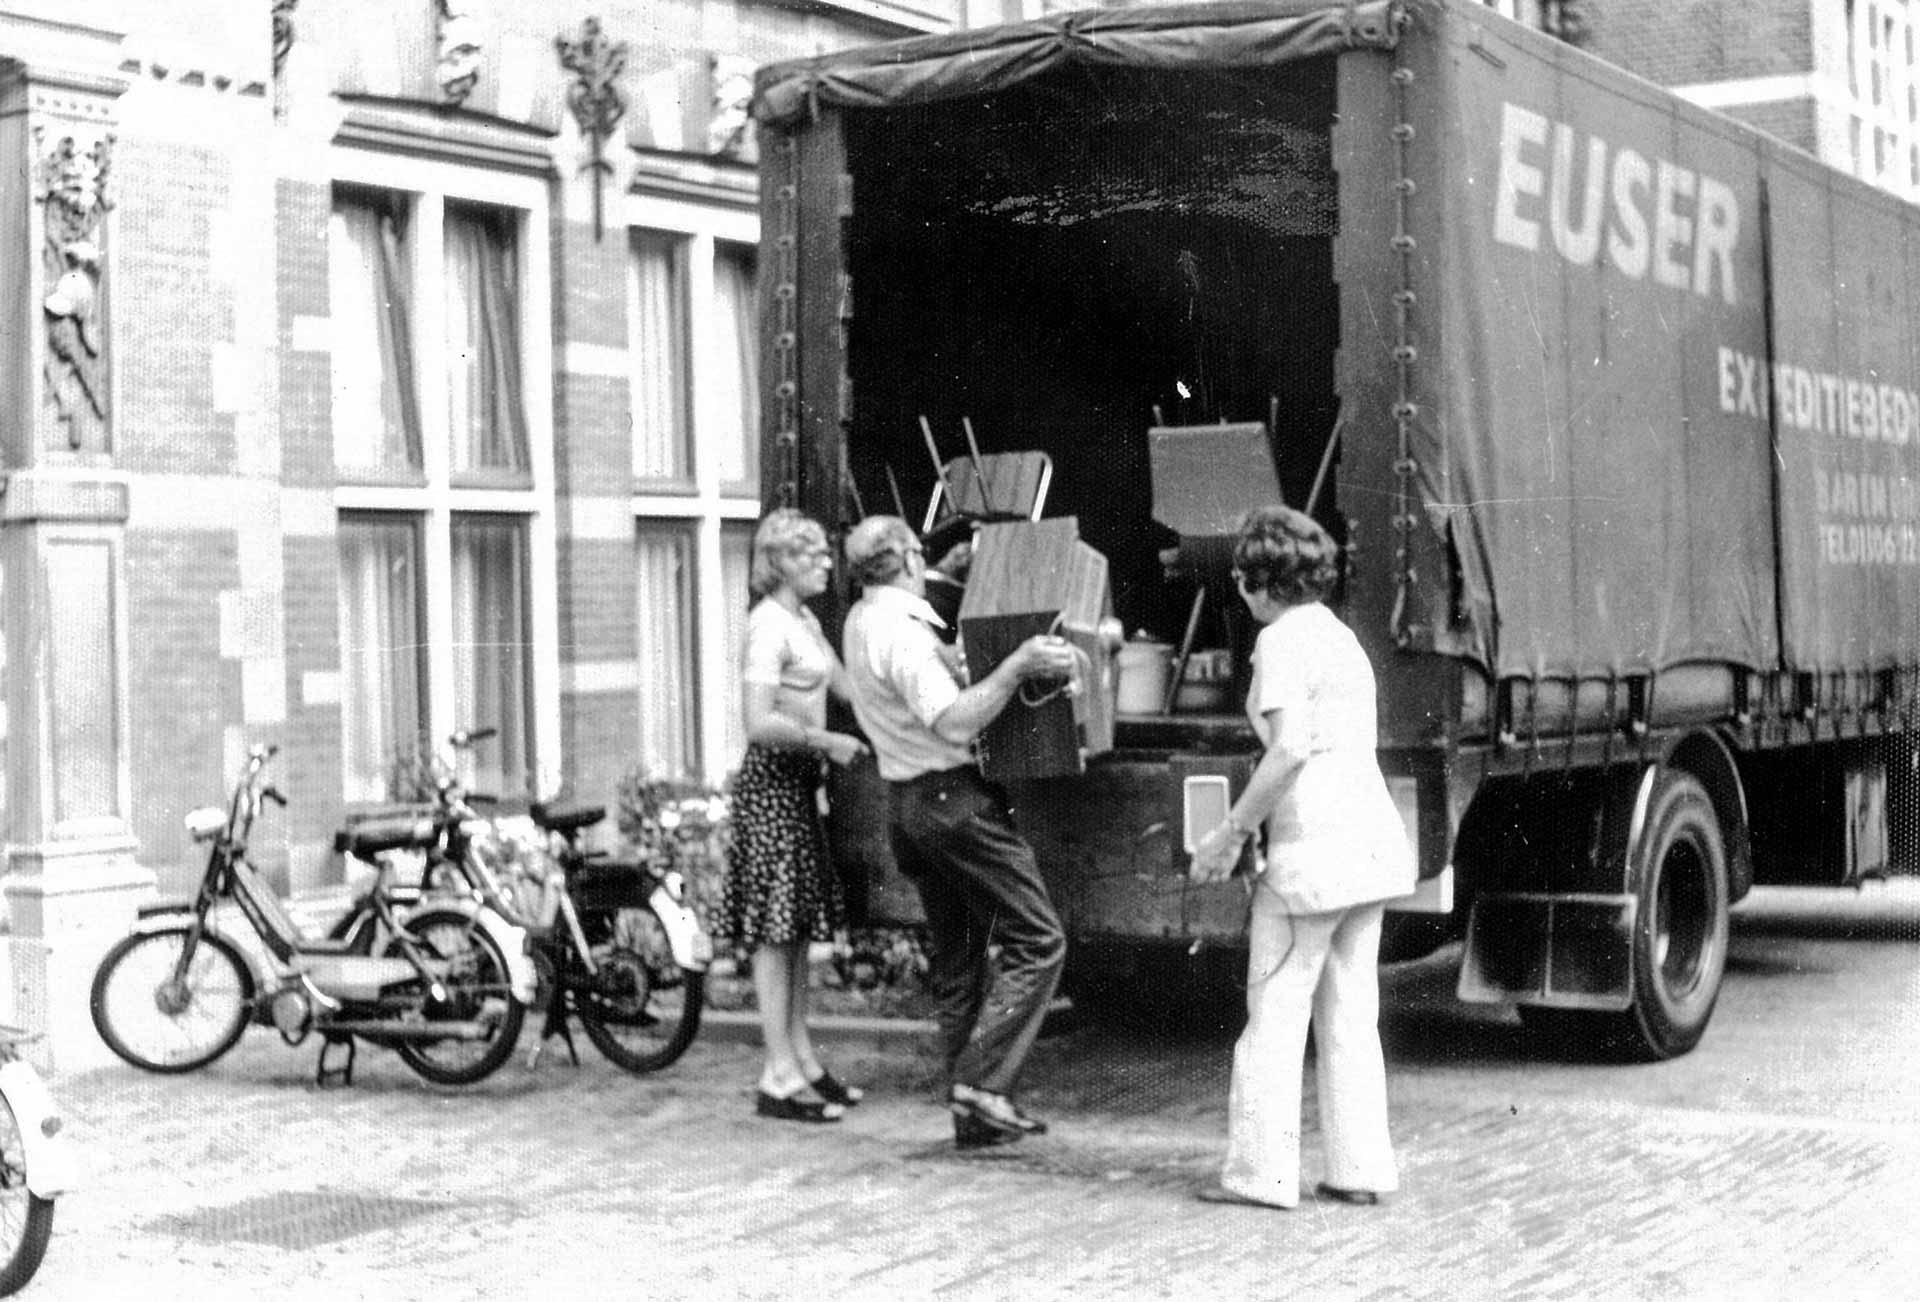 https://www.euser.nl/wp-content/uploads/2019/04/oude-foto-verhuizen.jpg